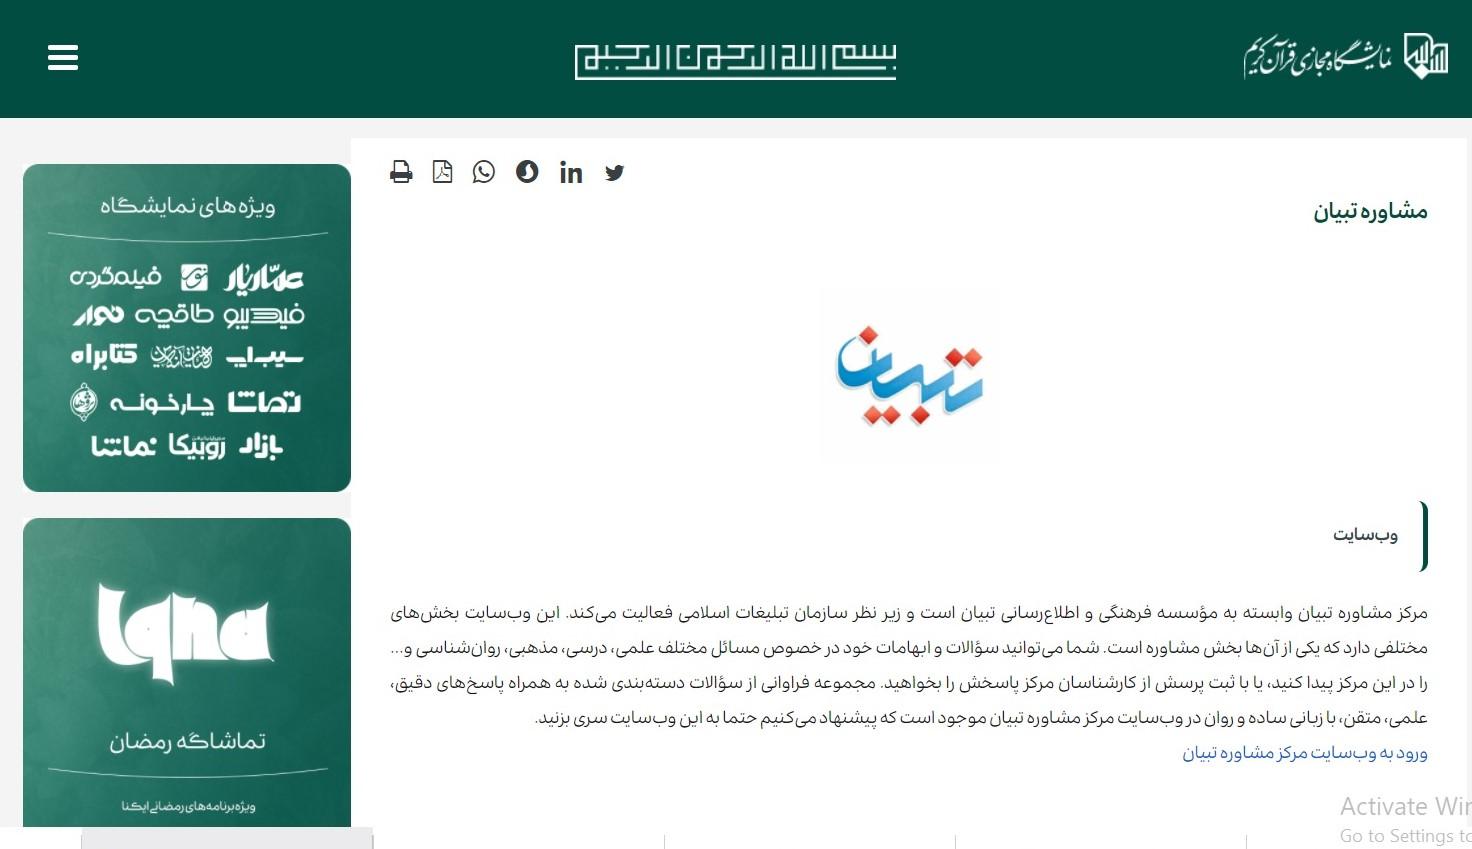 خدمات مختلف «تبیان» در نخستین نمایشگاه مجازی قرآن کریم